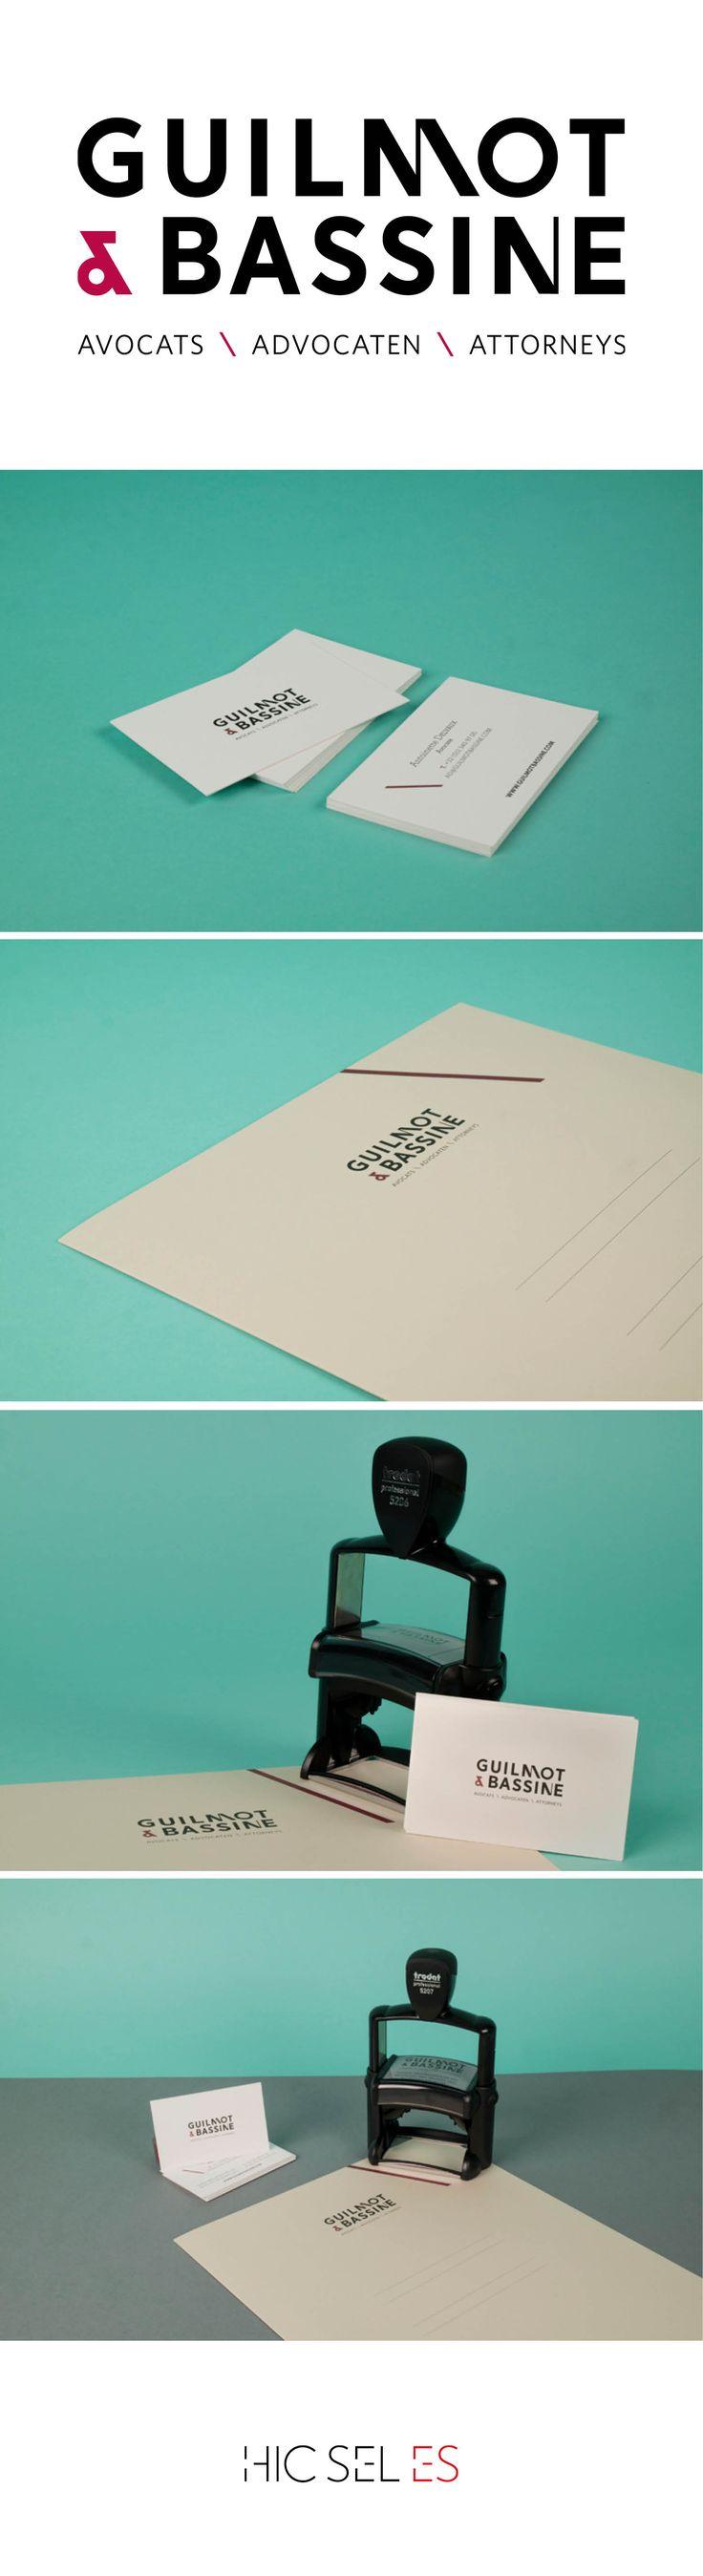 Création d'identité visuelle pour un cabinet d'avocats, du logo aux supports imprimés.